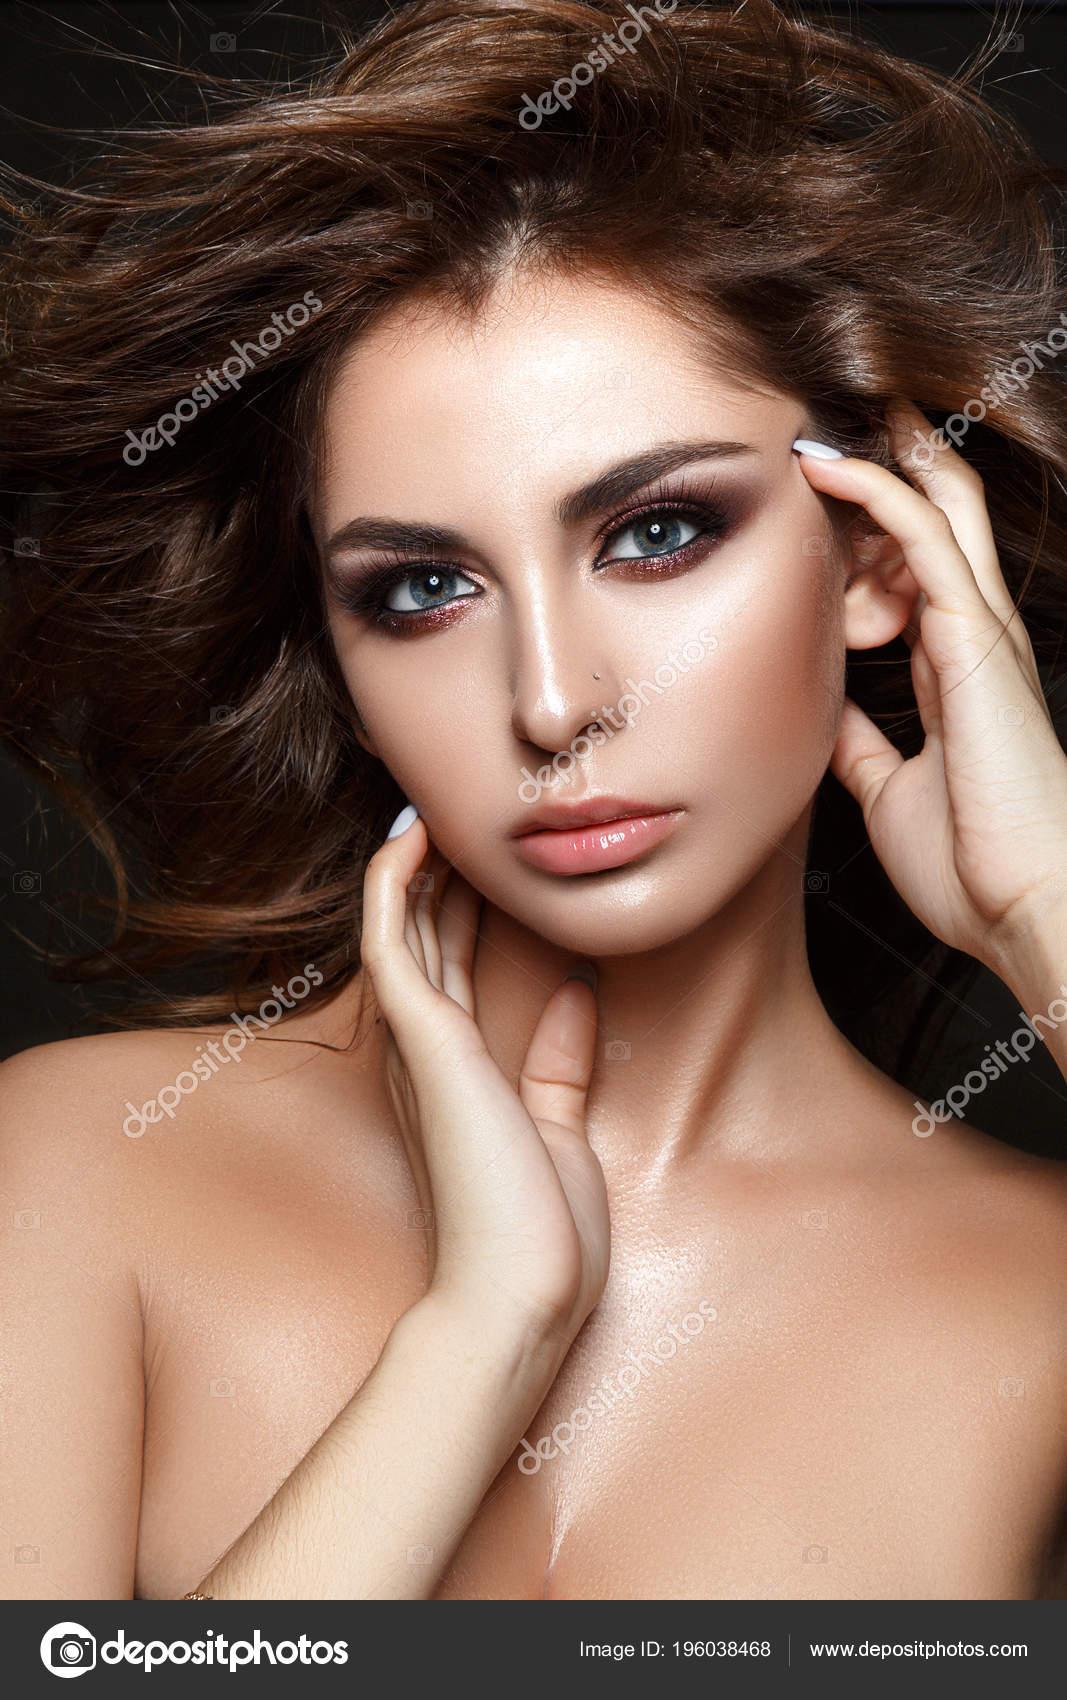 79bcd332fc49 Krásná Žena Portrét Windy Vlasy Glamour Večer Make Upu Opálenou ...